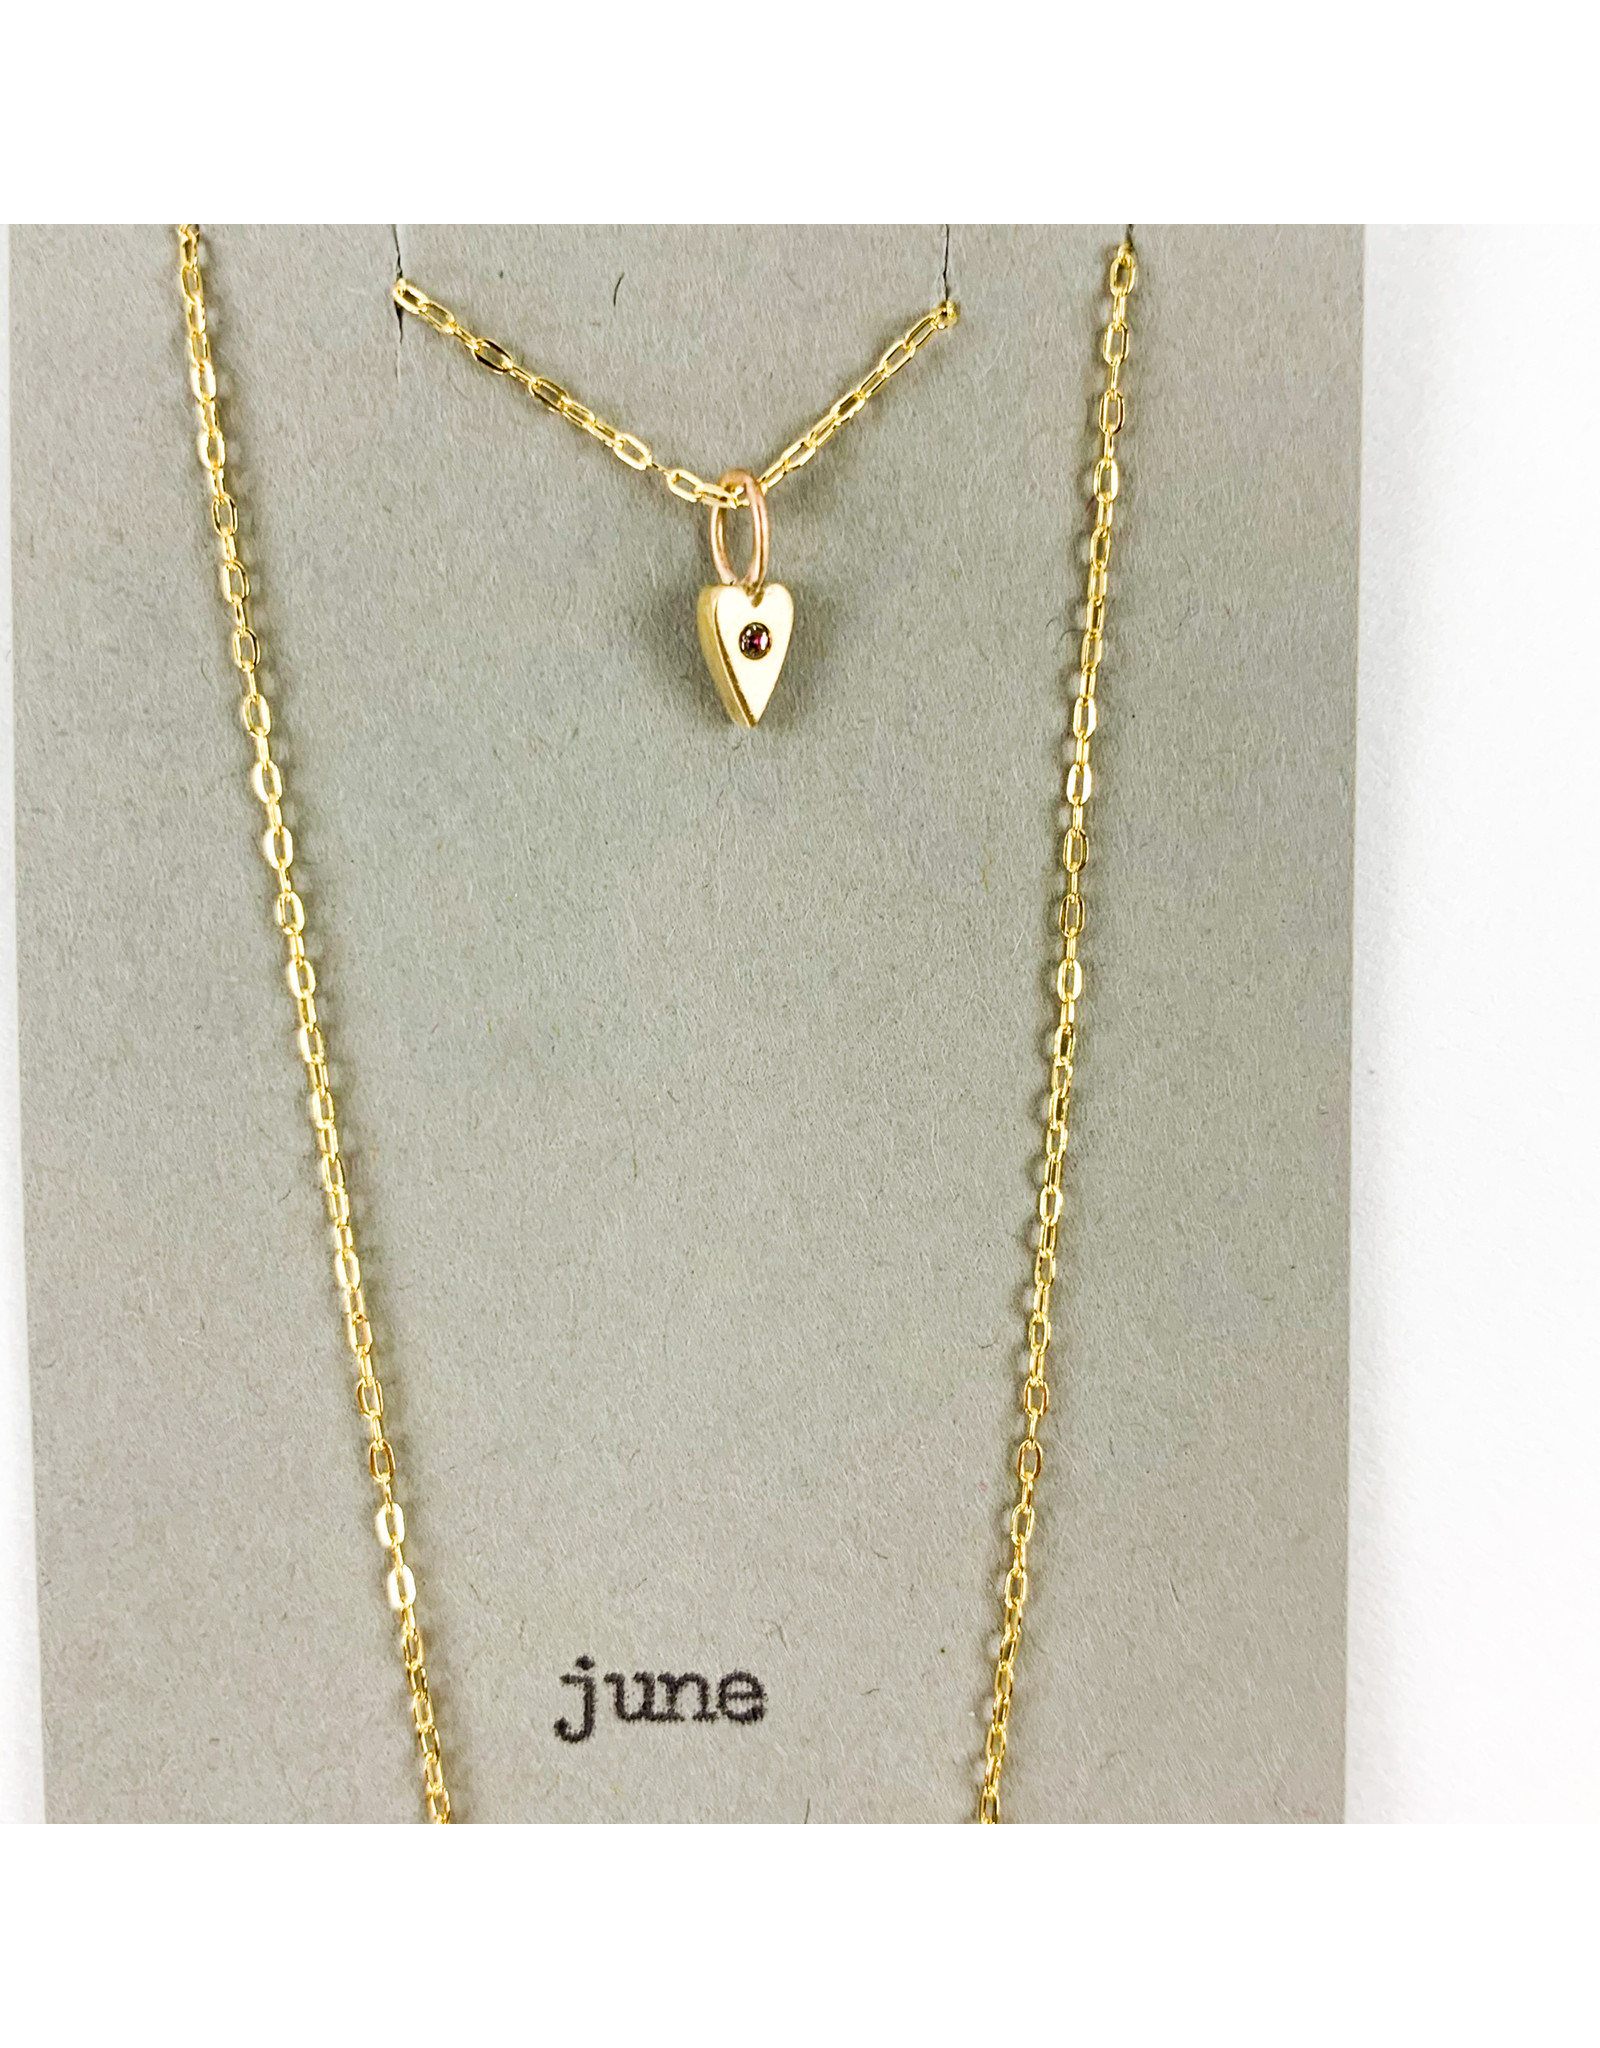 penny larsen June Necklace/Alexandrite